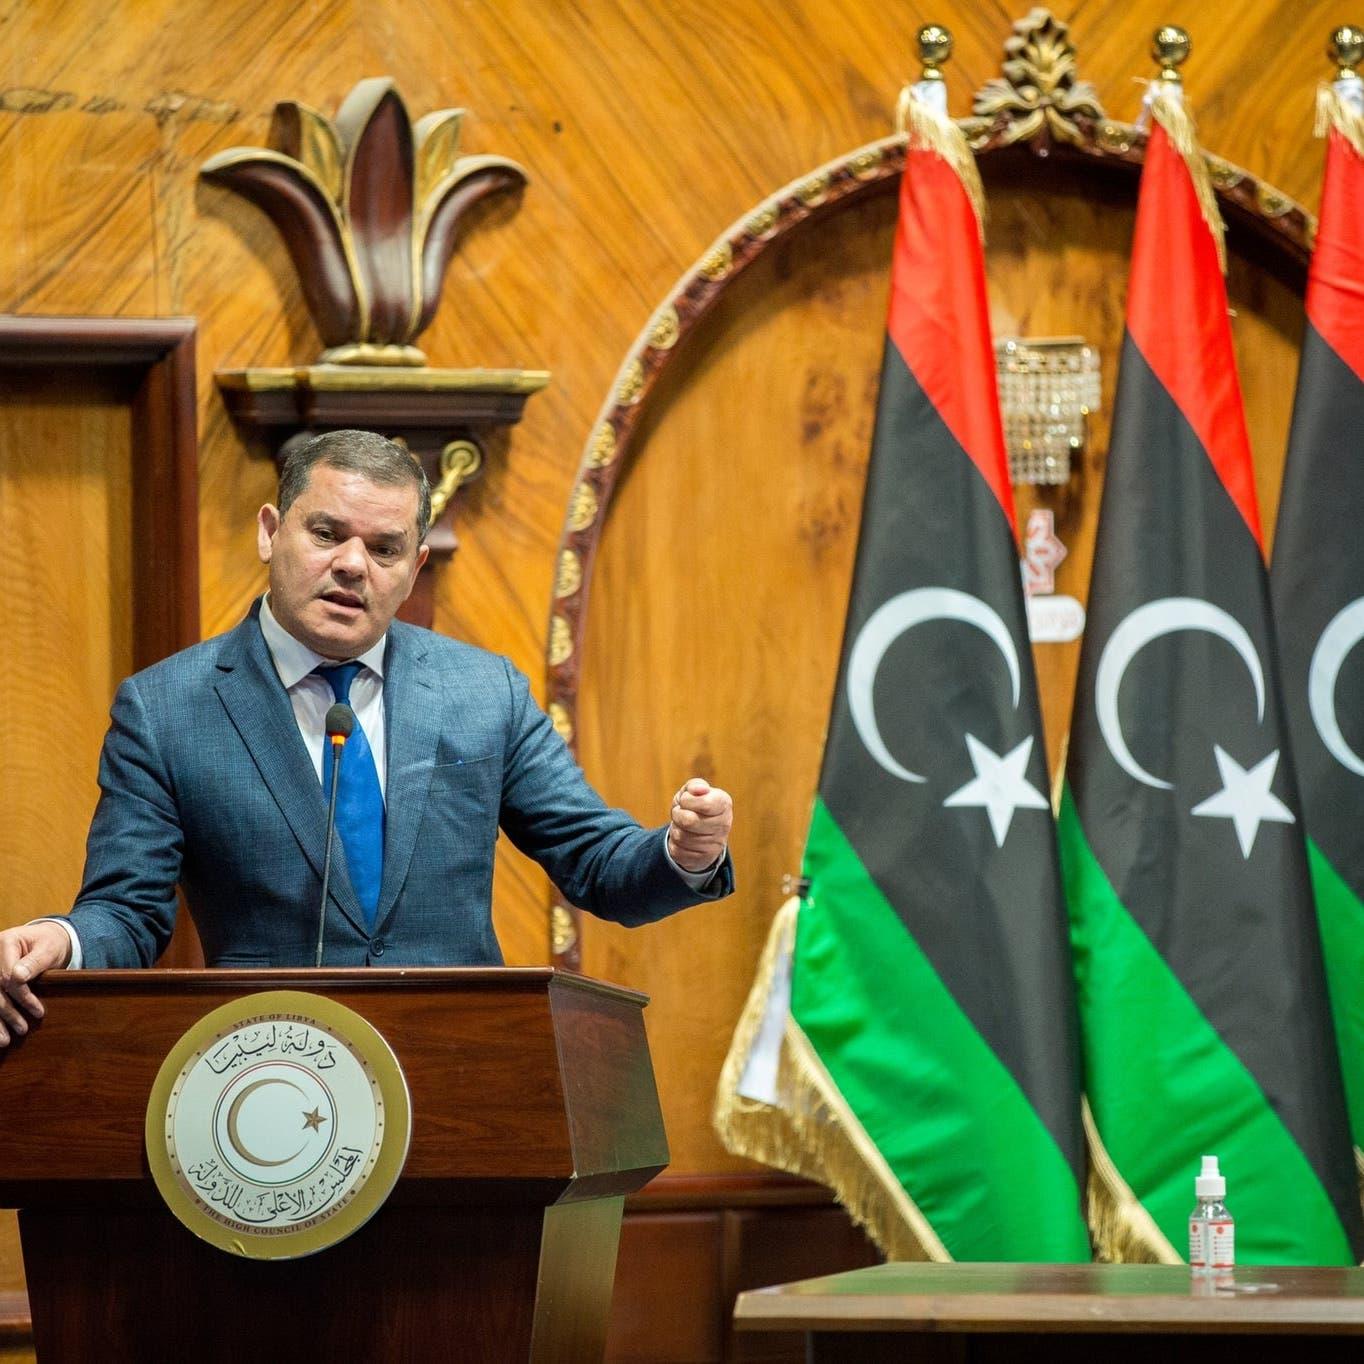 البرلمان الليبي يرفض ميزانية الدبيبة.. ويطلب تعديلها